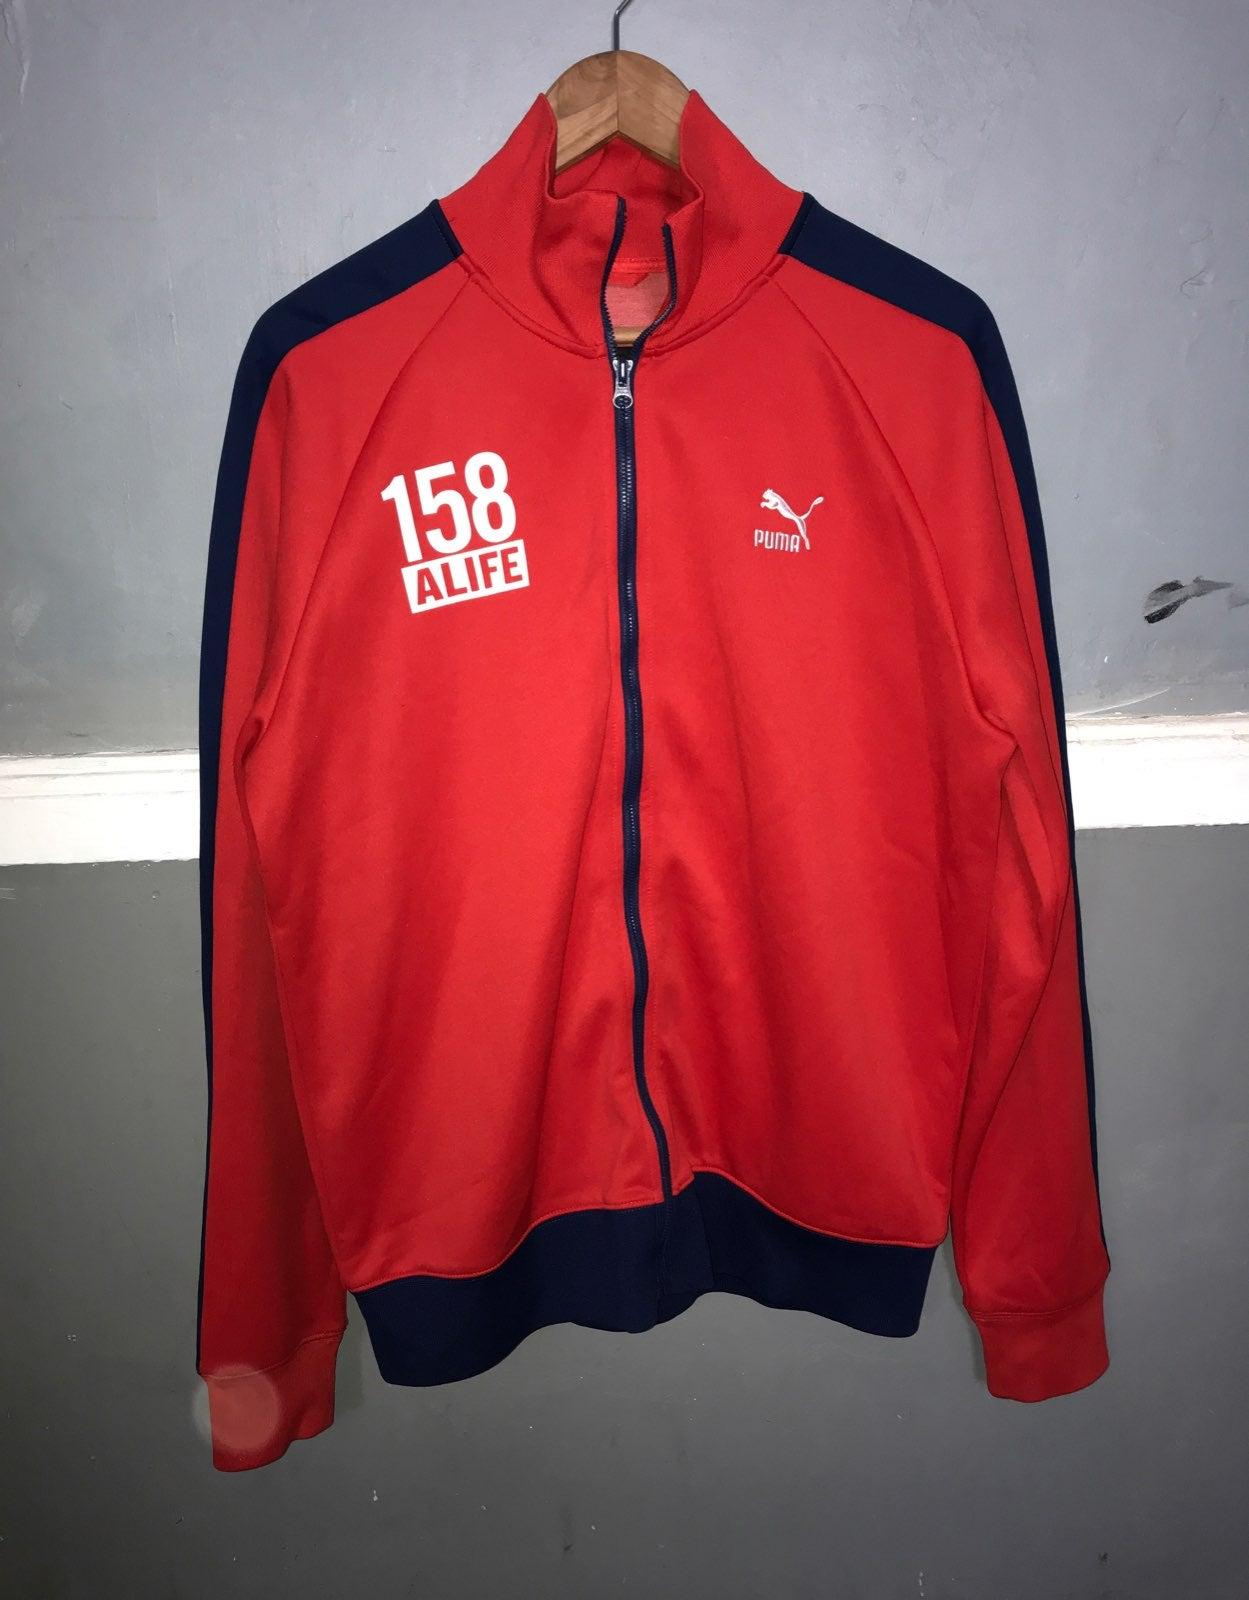 Puma Alife Track jacket